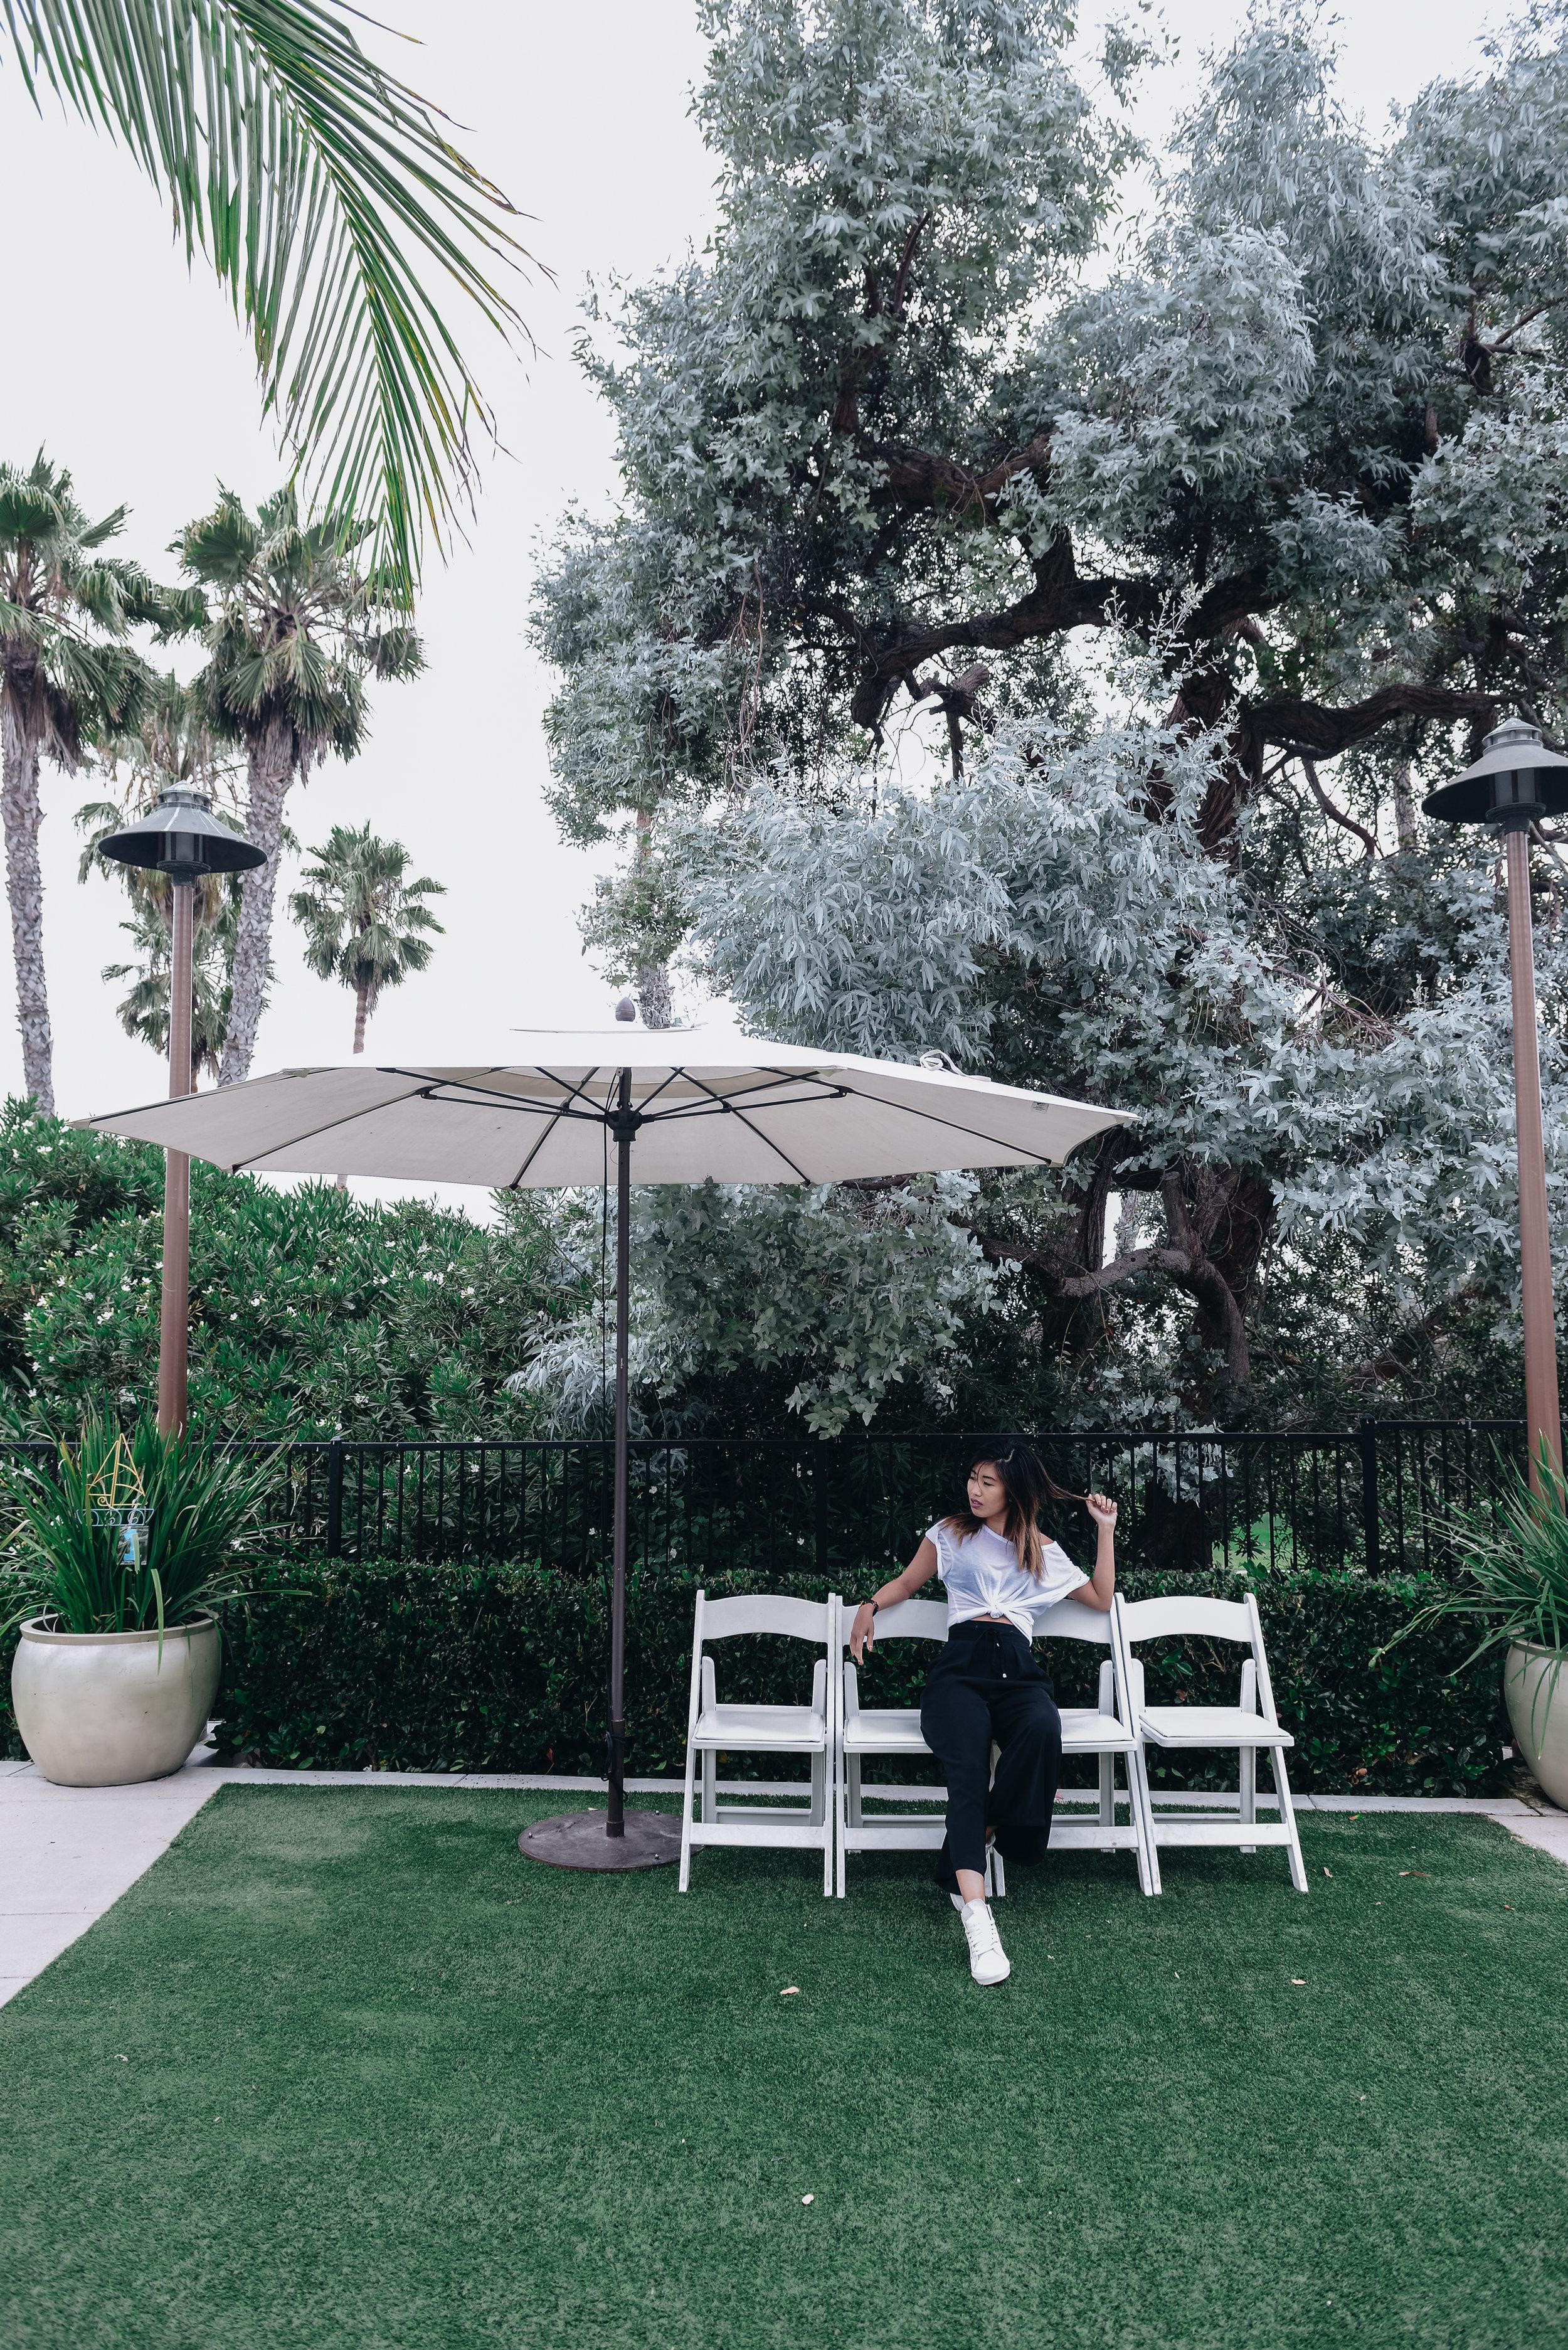 Newport-Beach-Marriott-By-Lisa-Linh